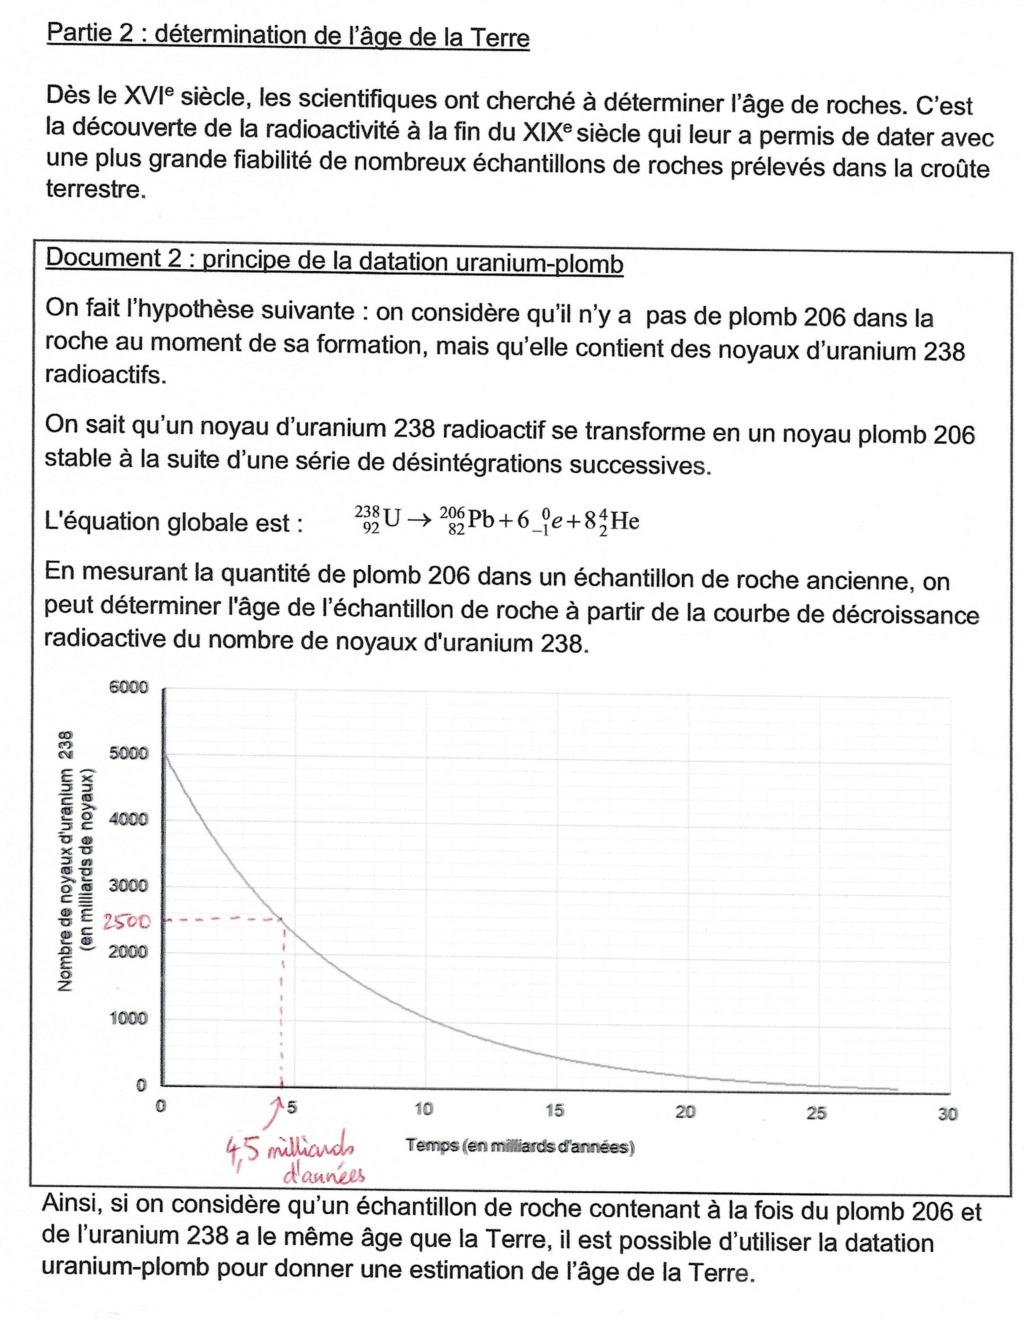 Thème Matière / Activité 4 : Typebac de révision  2020-356